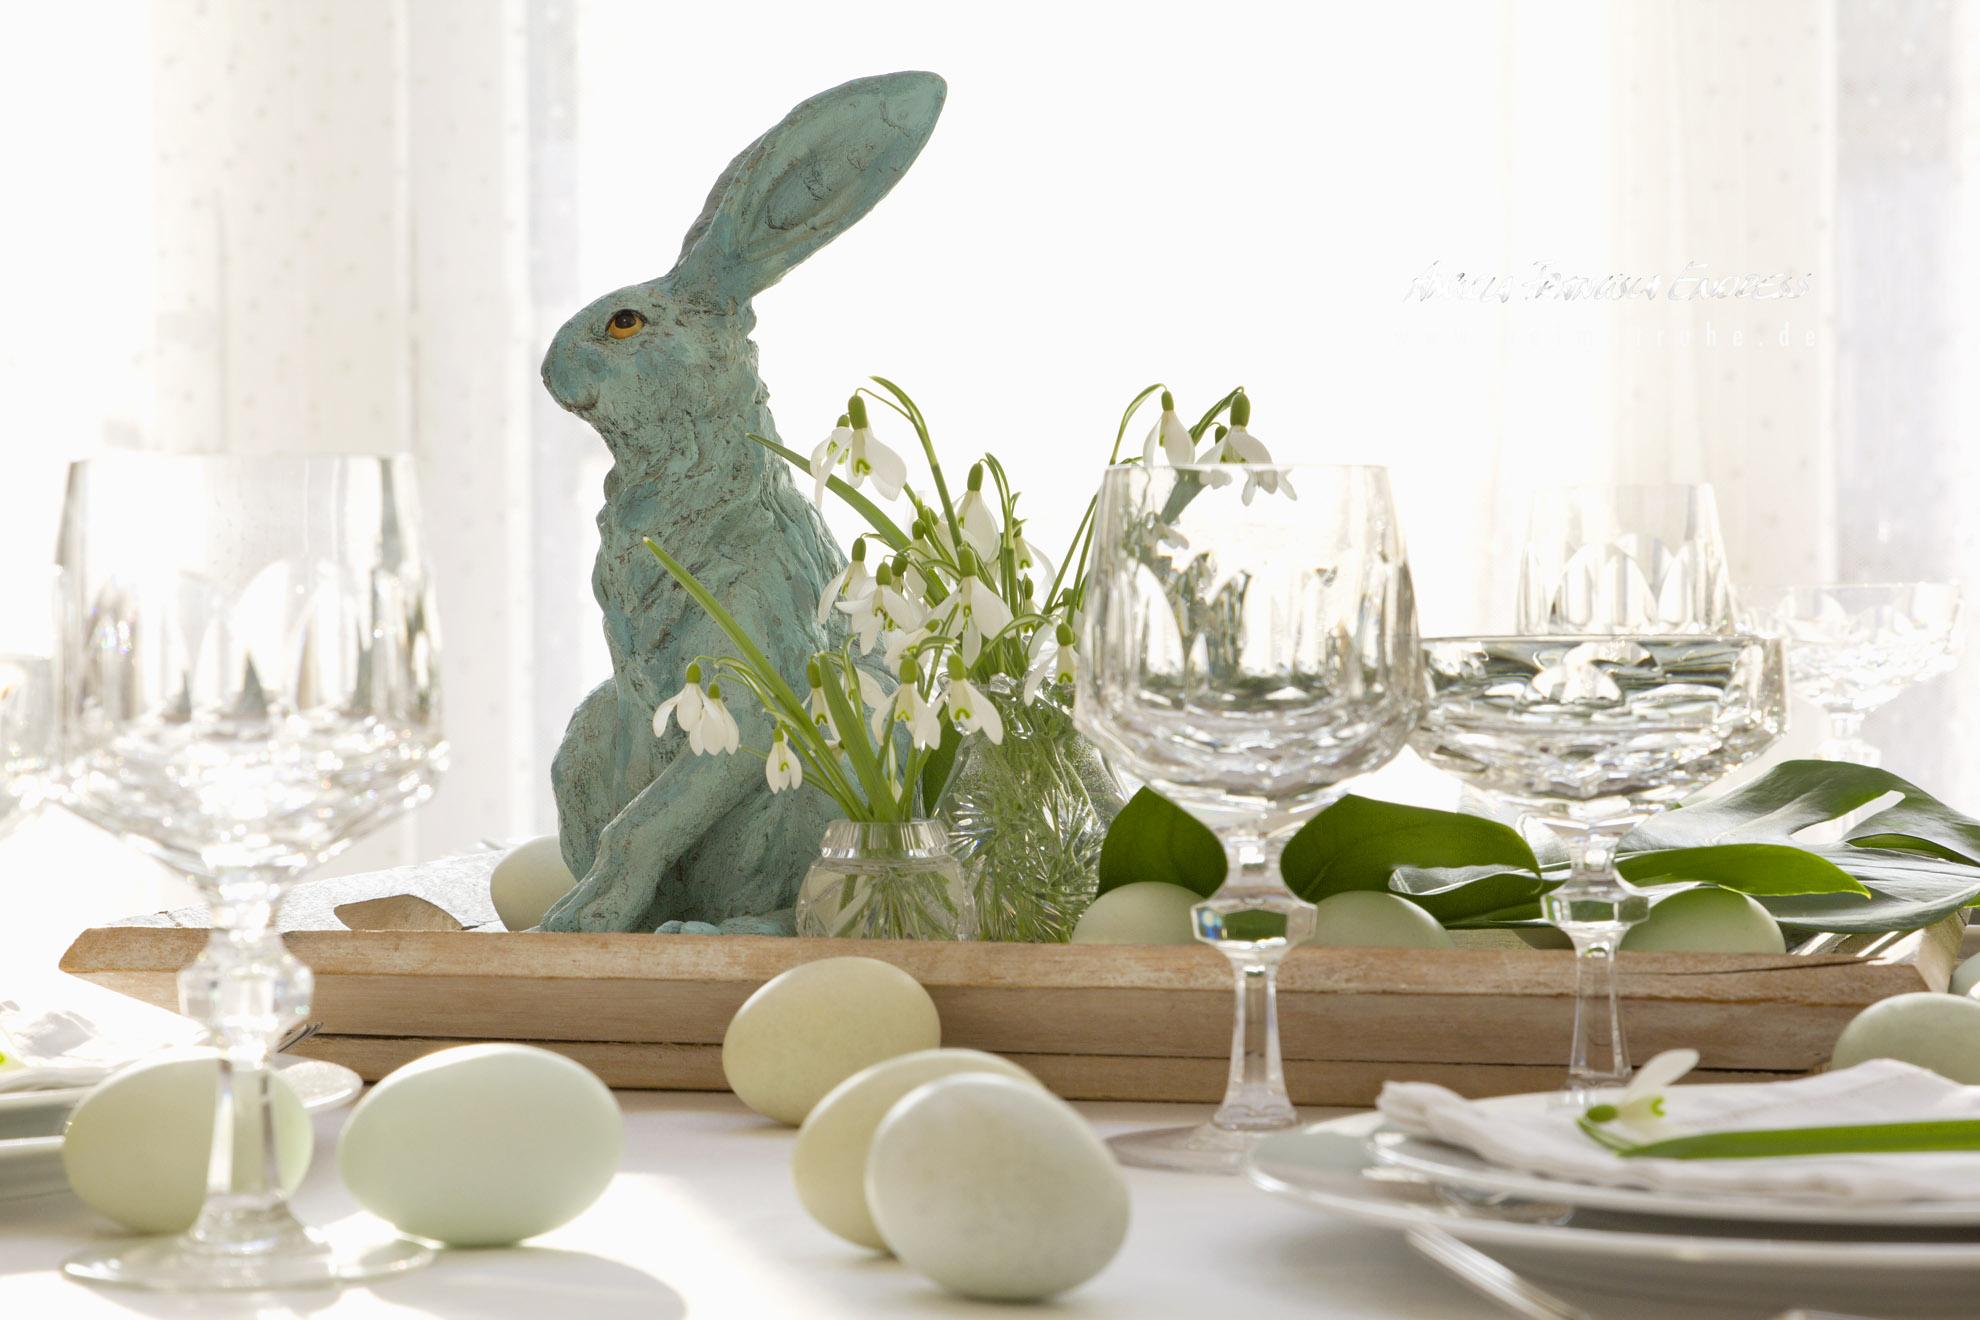 türkiser Oster Hase Schneeglöckchen, Kristall Gläser, Grüne Eier